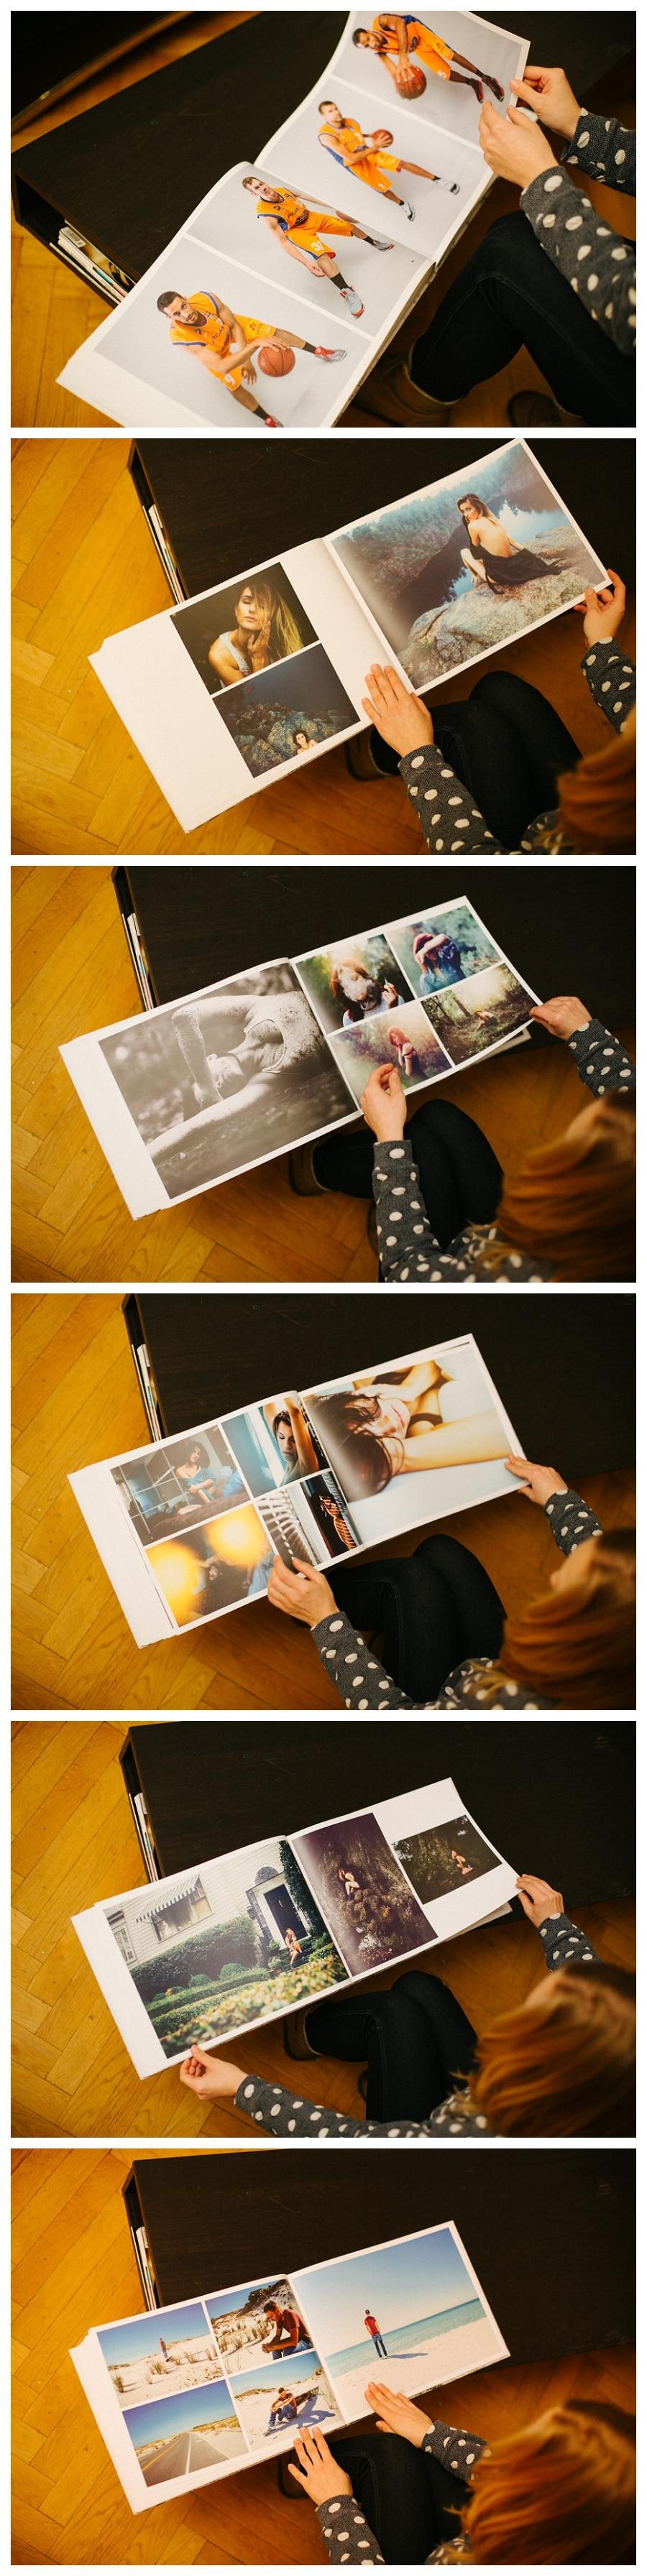 Fotobuch2014-6375